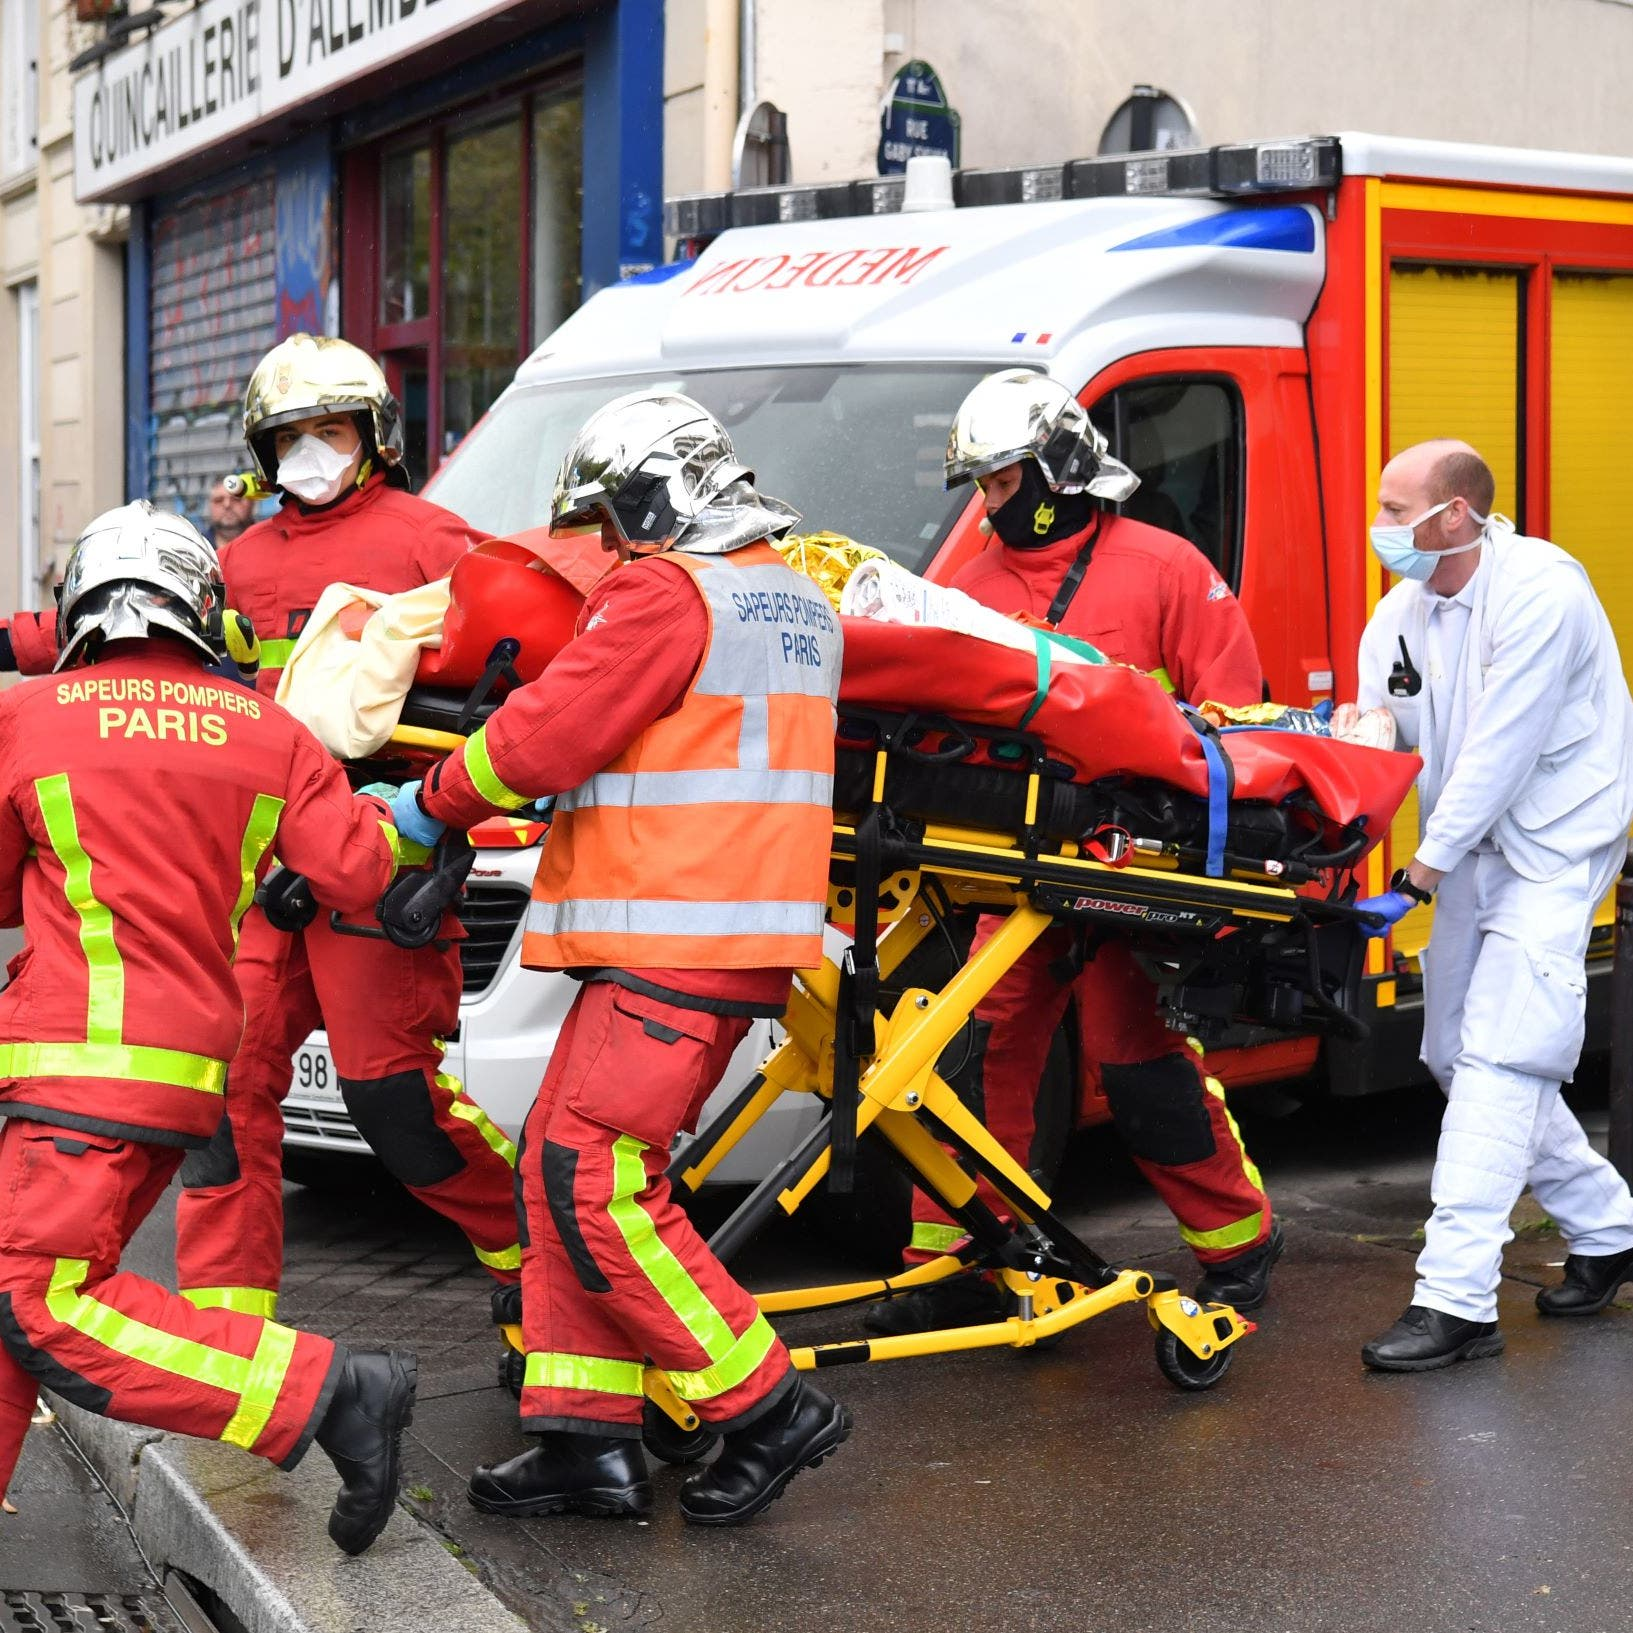 عملية طعن في باريس توقع 4 جرحى.. وتوقيف المهاجم